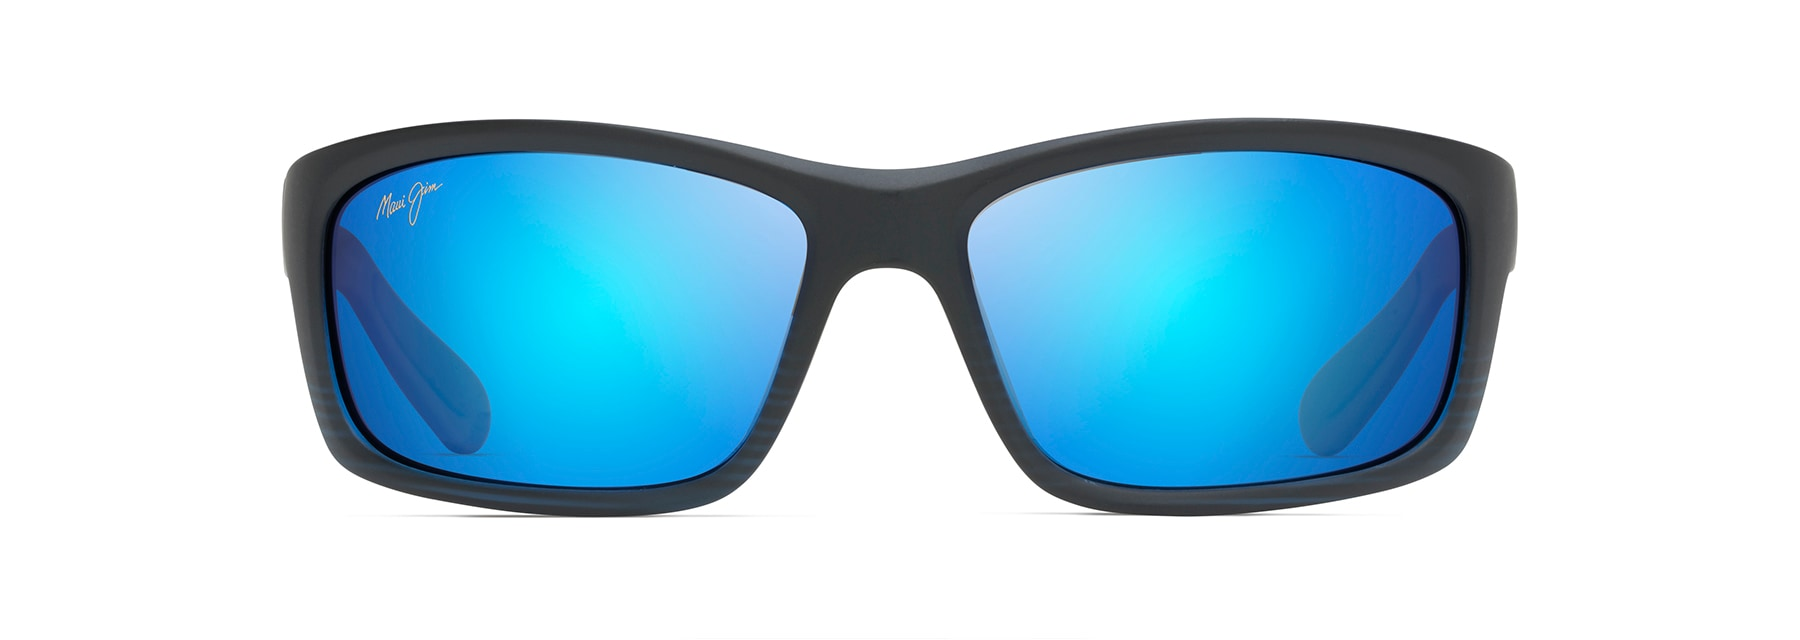 ced61a85417 Kanaio Coast lunettes de soleil polarisées